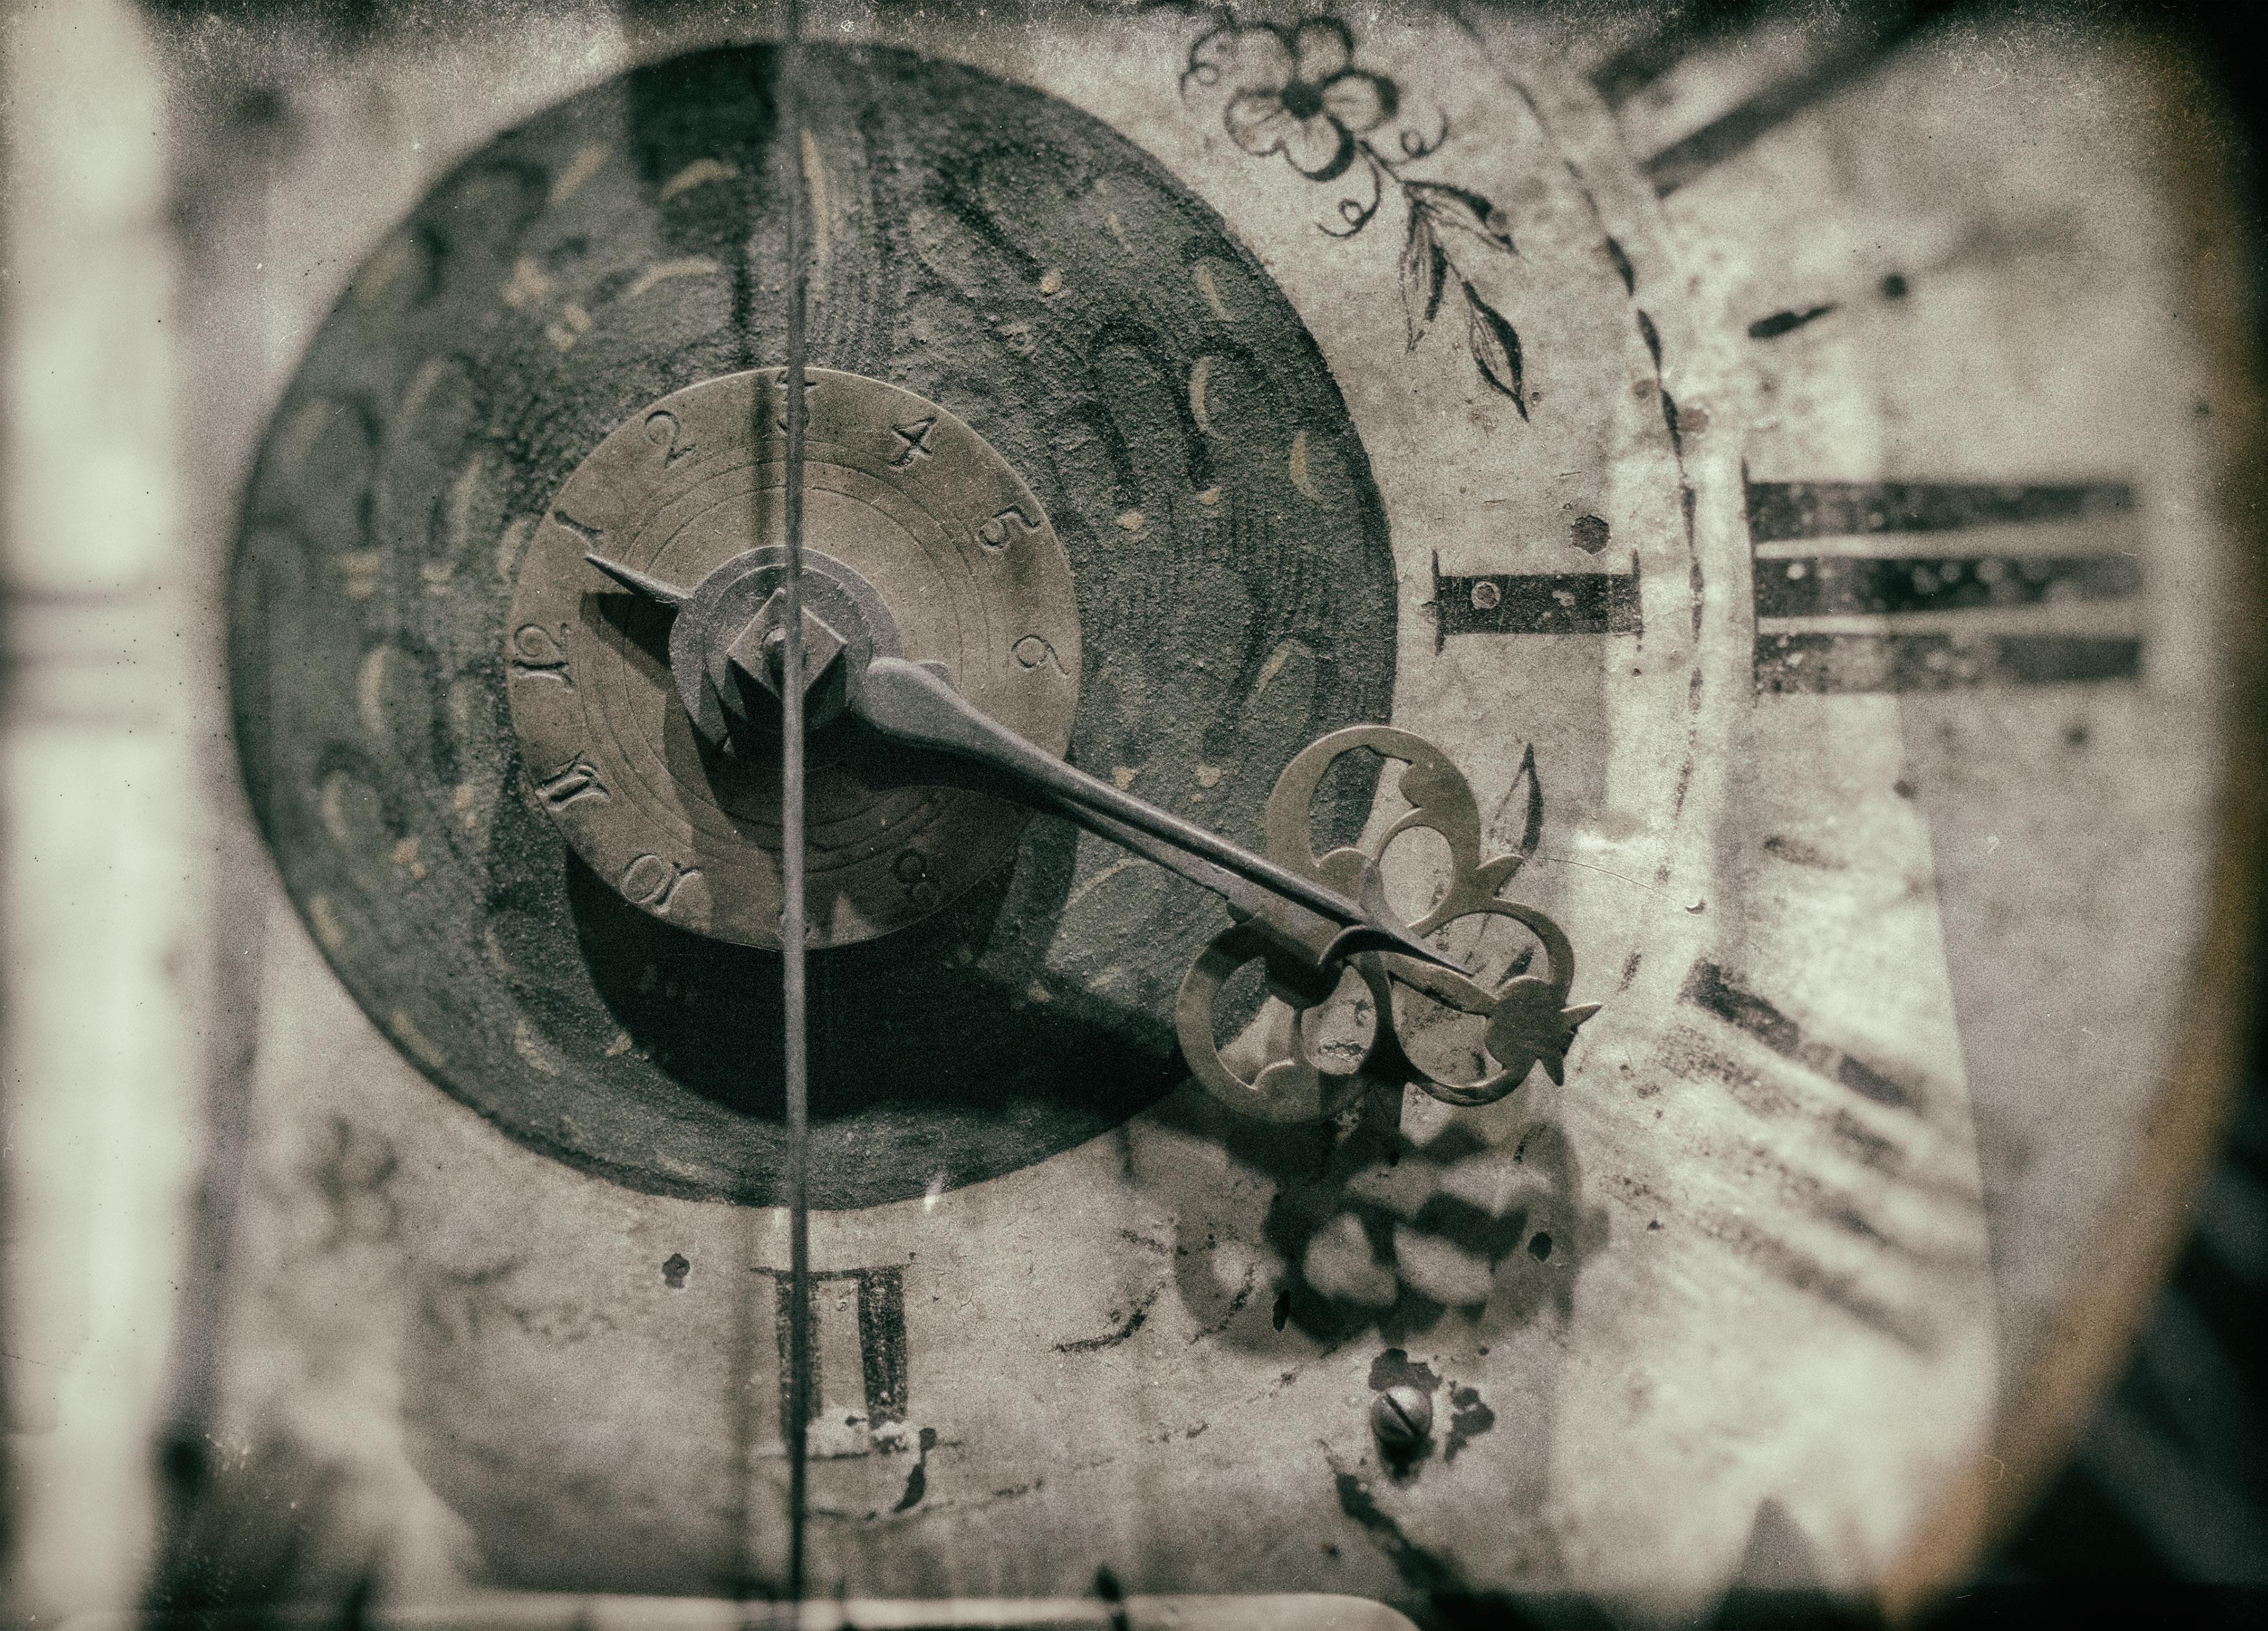 Αποτέλεσμα εικόνας για images with old white black wall clock